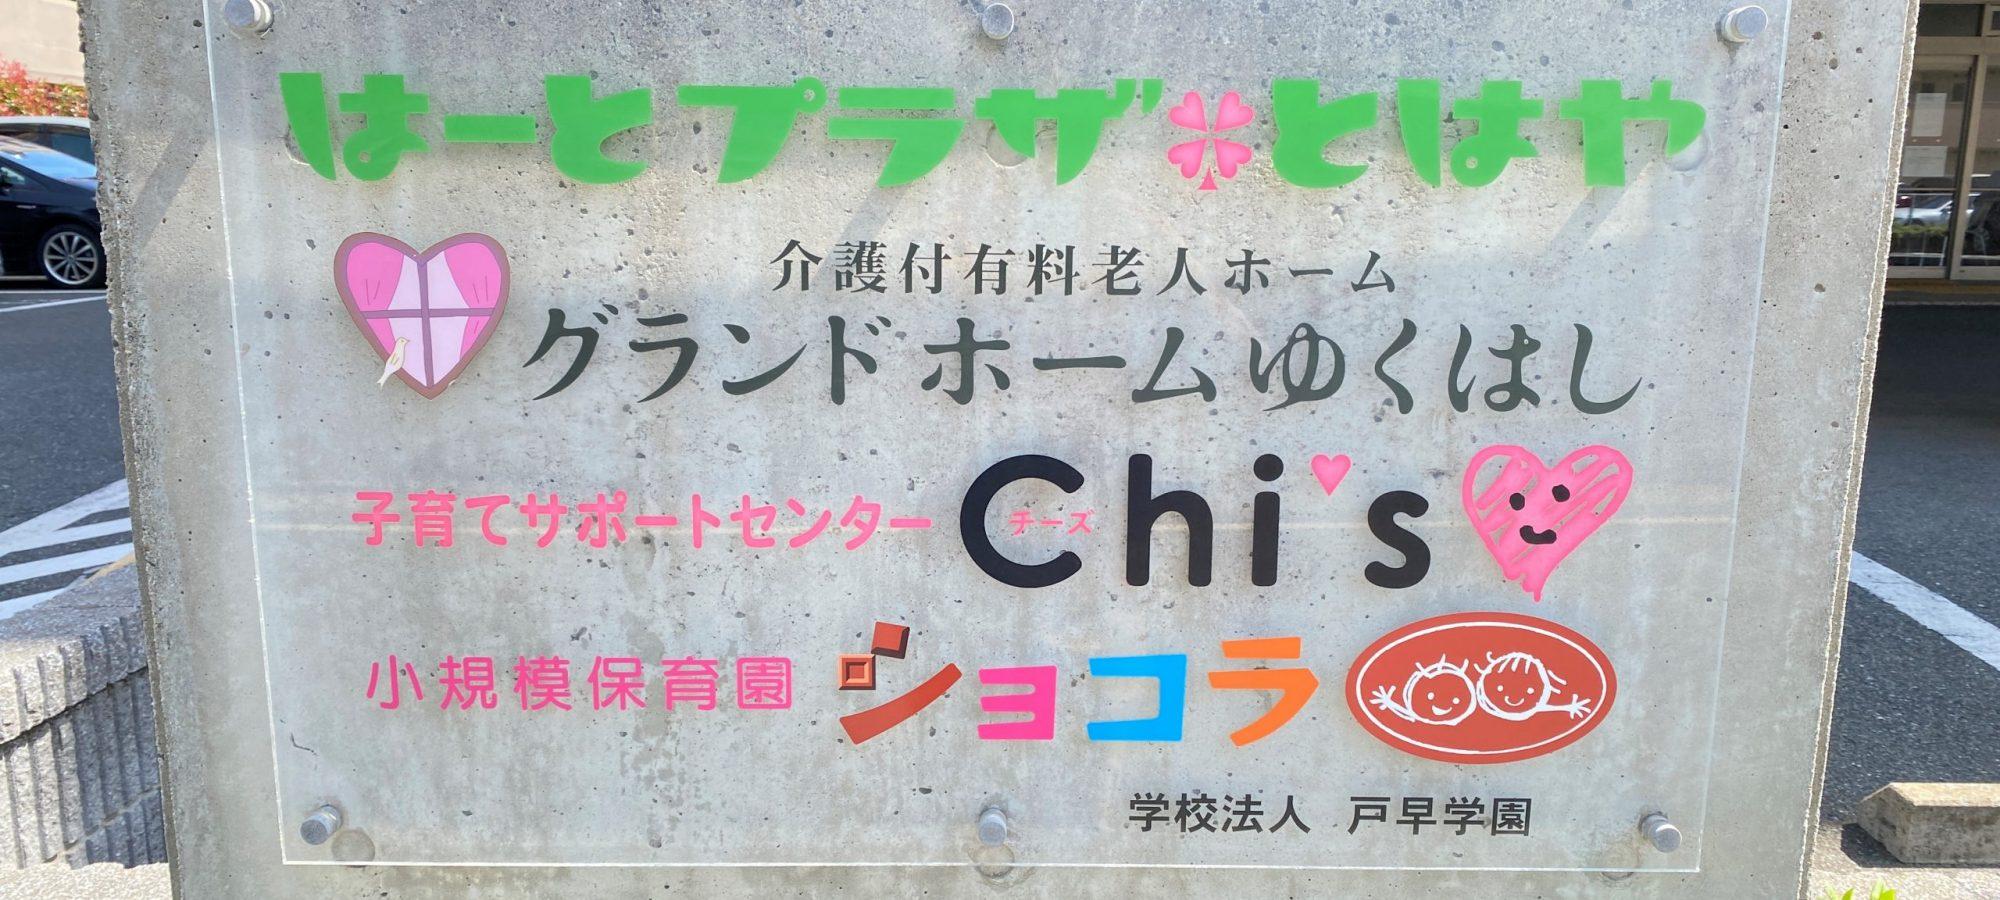 はーとプラザとはや グランドホームゆくはし chi's チーズ ショコラ 戸早学園 行橋市